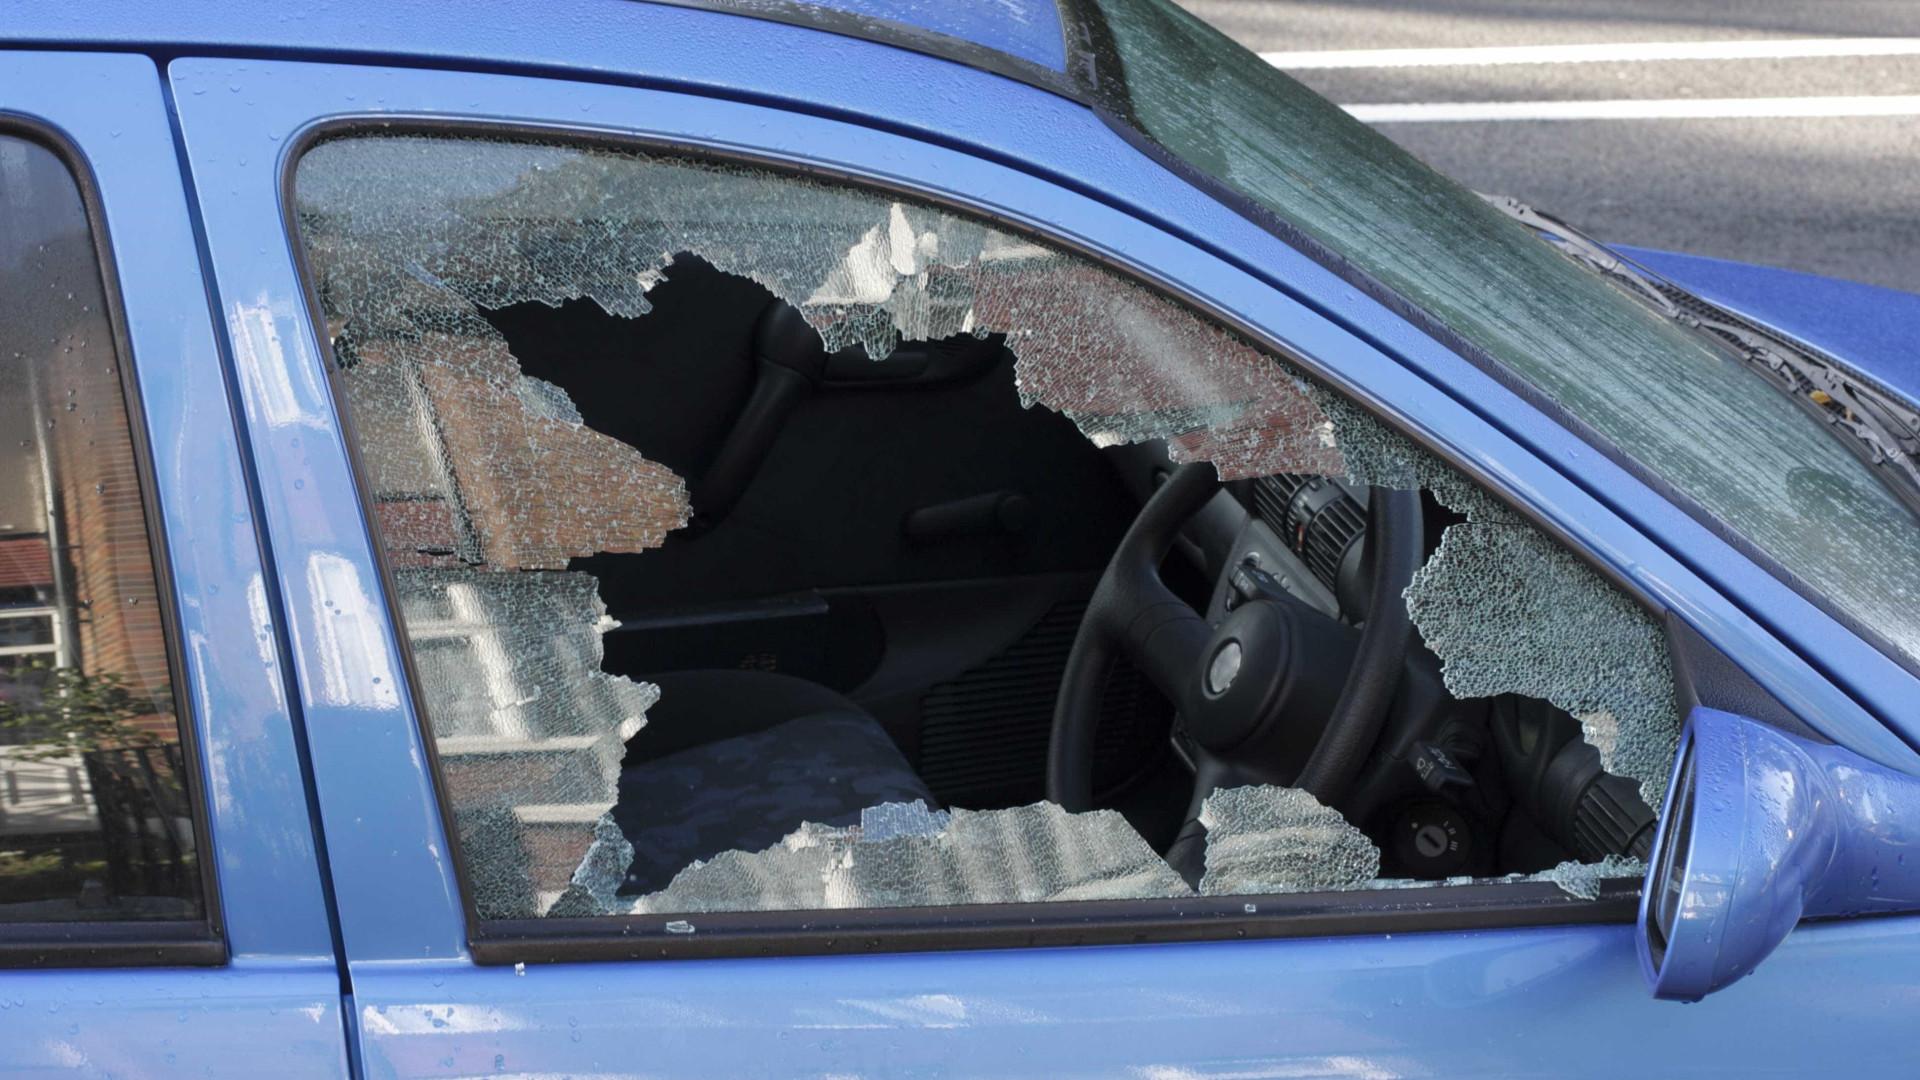 PSP apanha ladrões de carros em flagrante delito